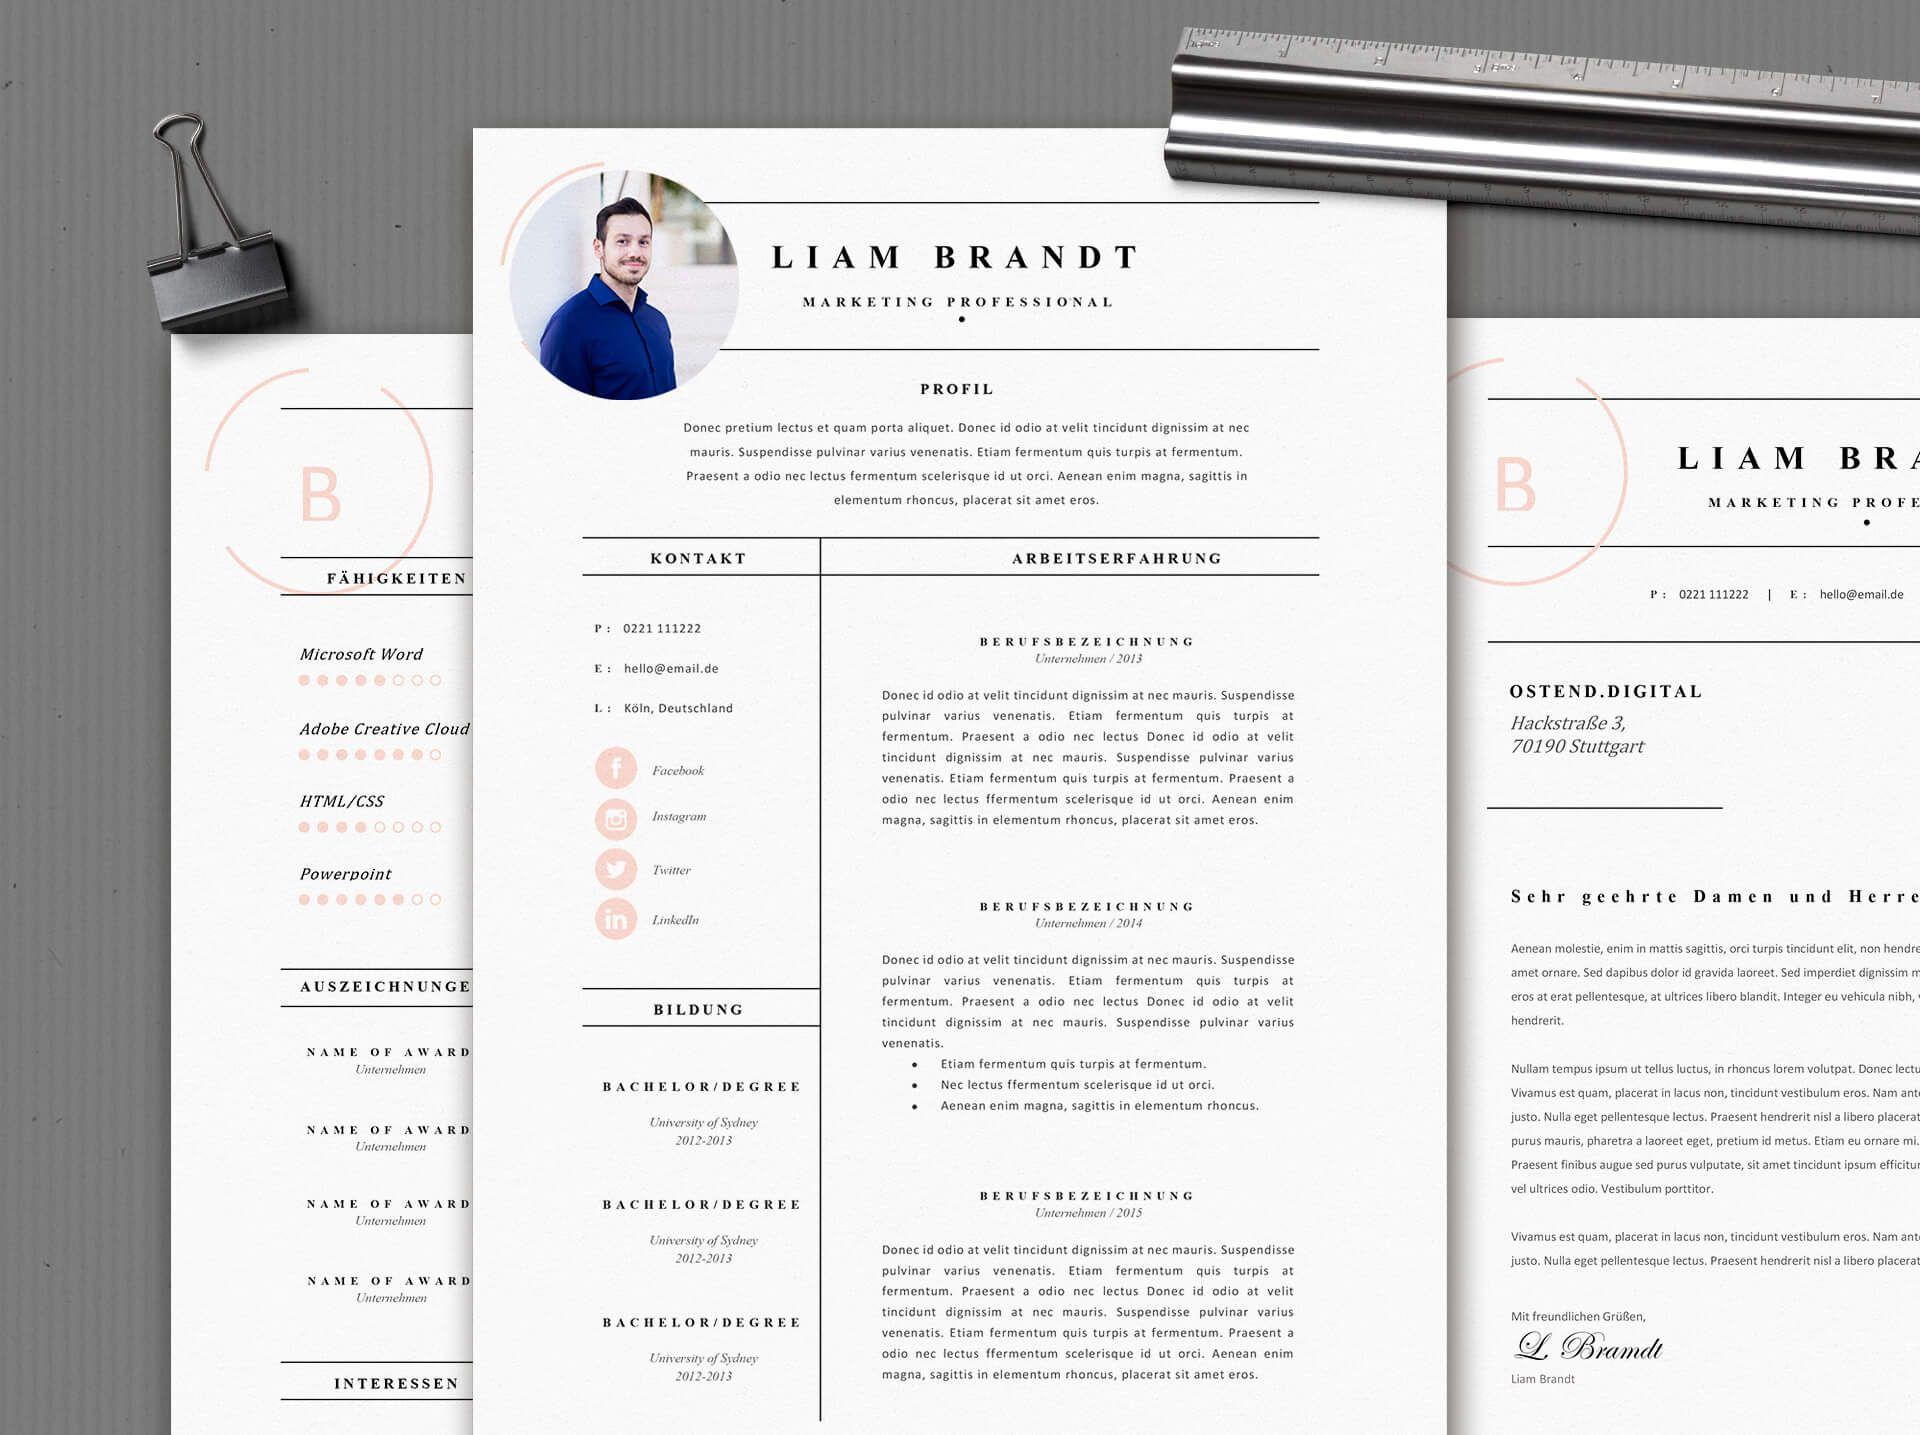 Bewerbungsvorlage - Mr. Brandt #bewerben #karriere #kreativ ...